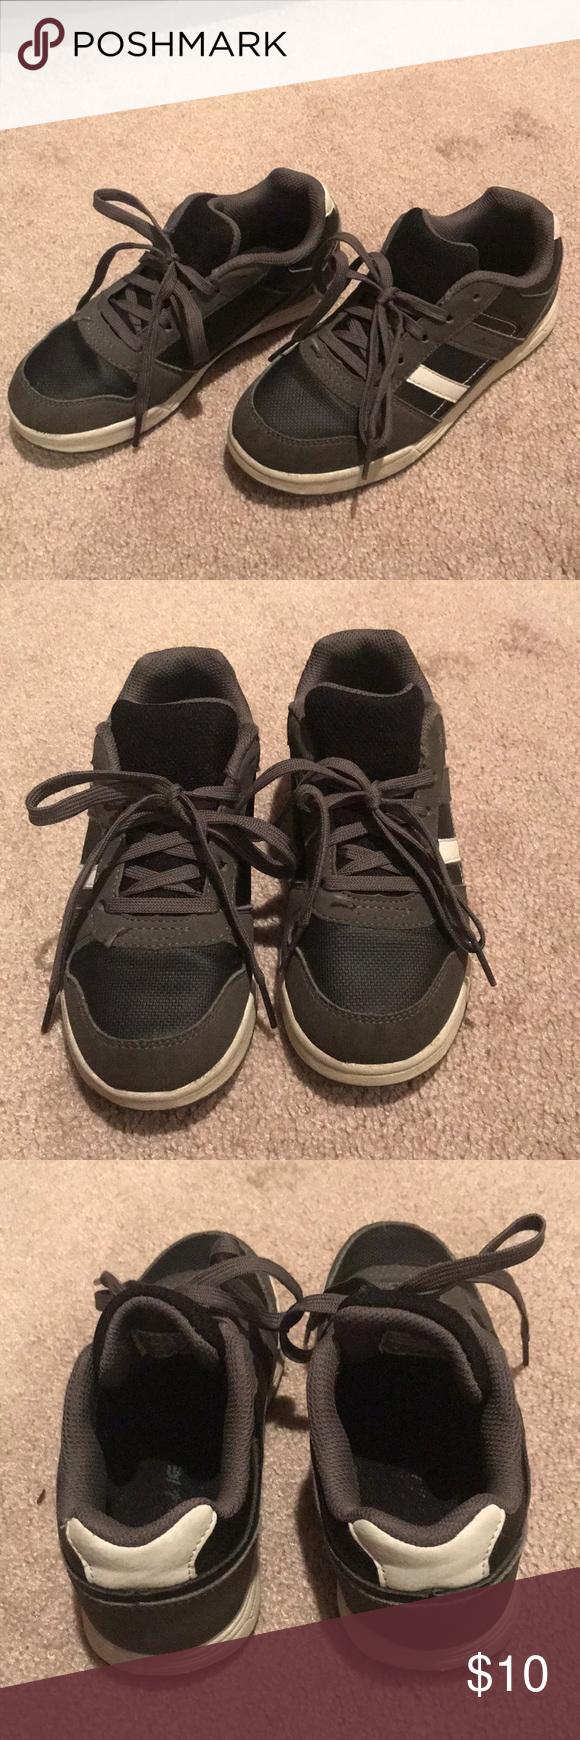 Boys sneakers 👟, size 1 in 2020   Boys